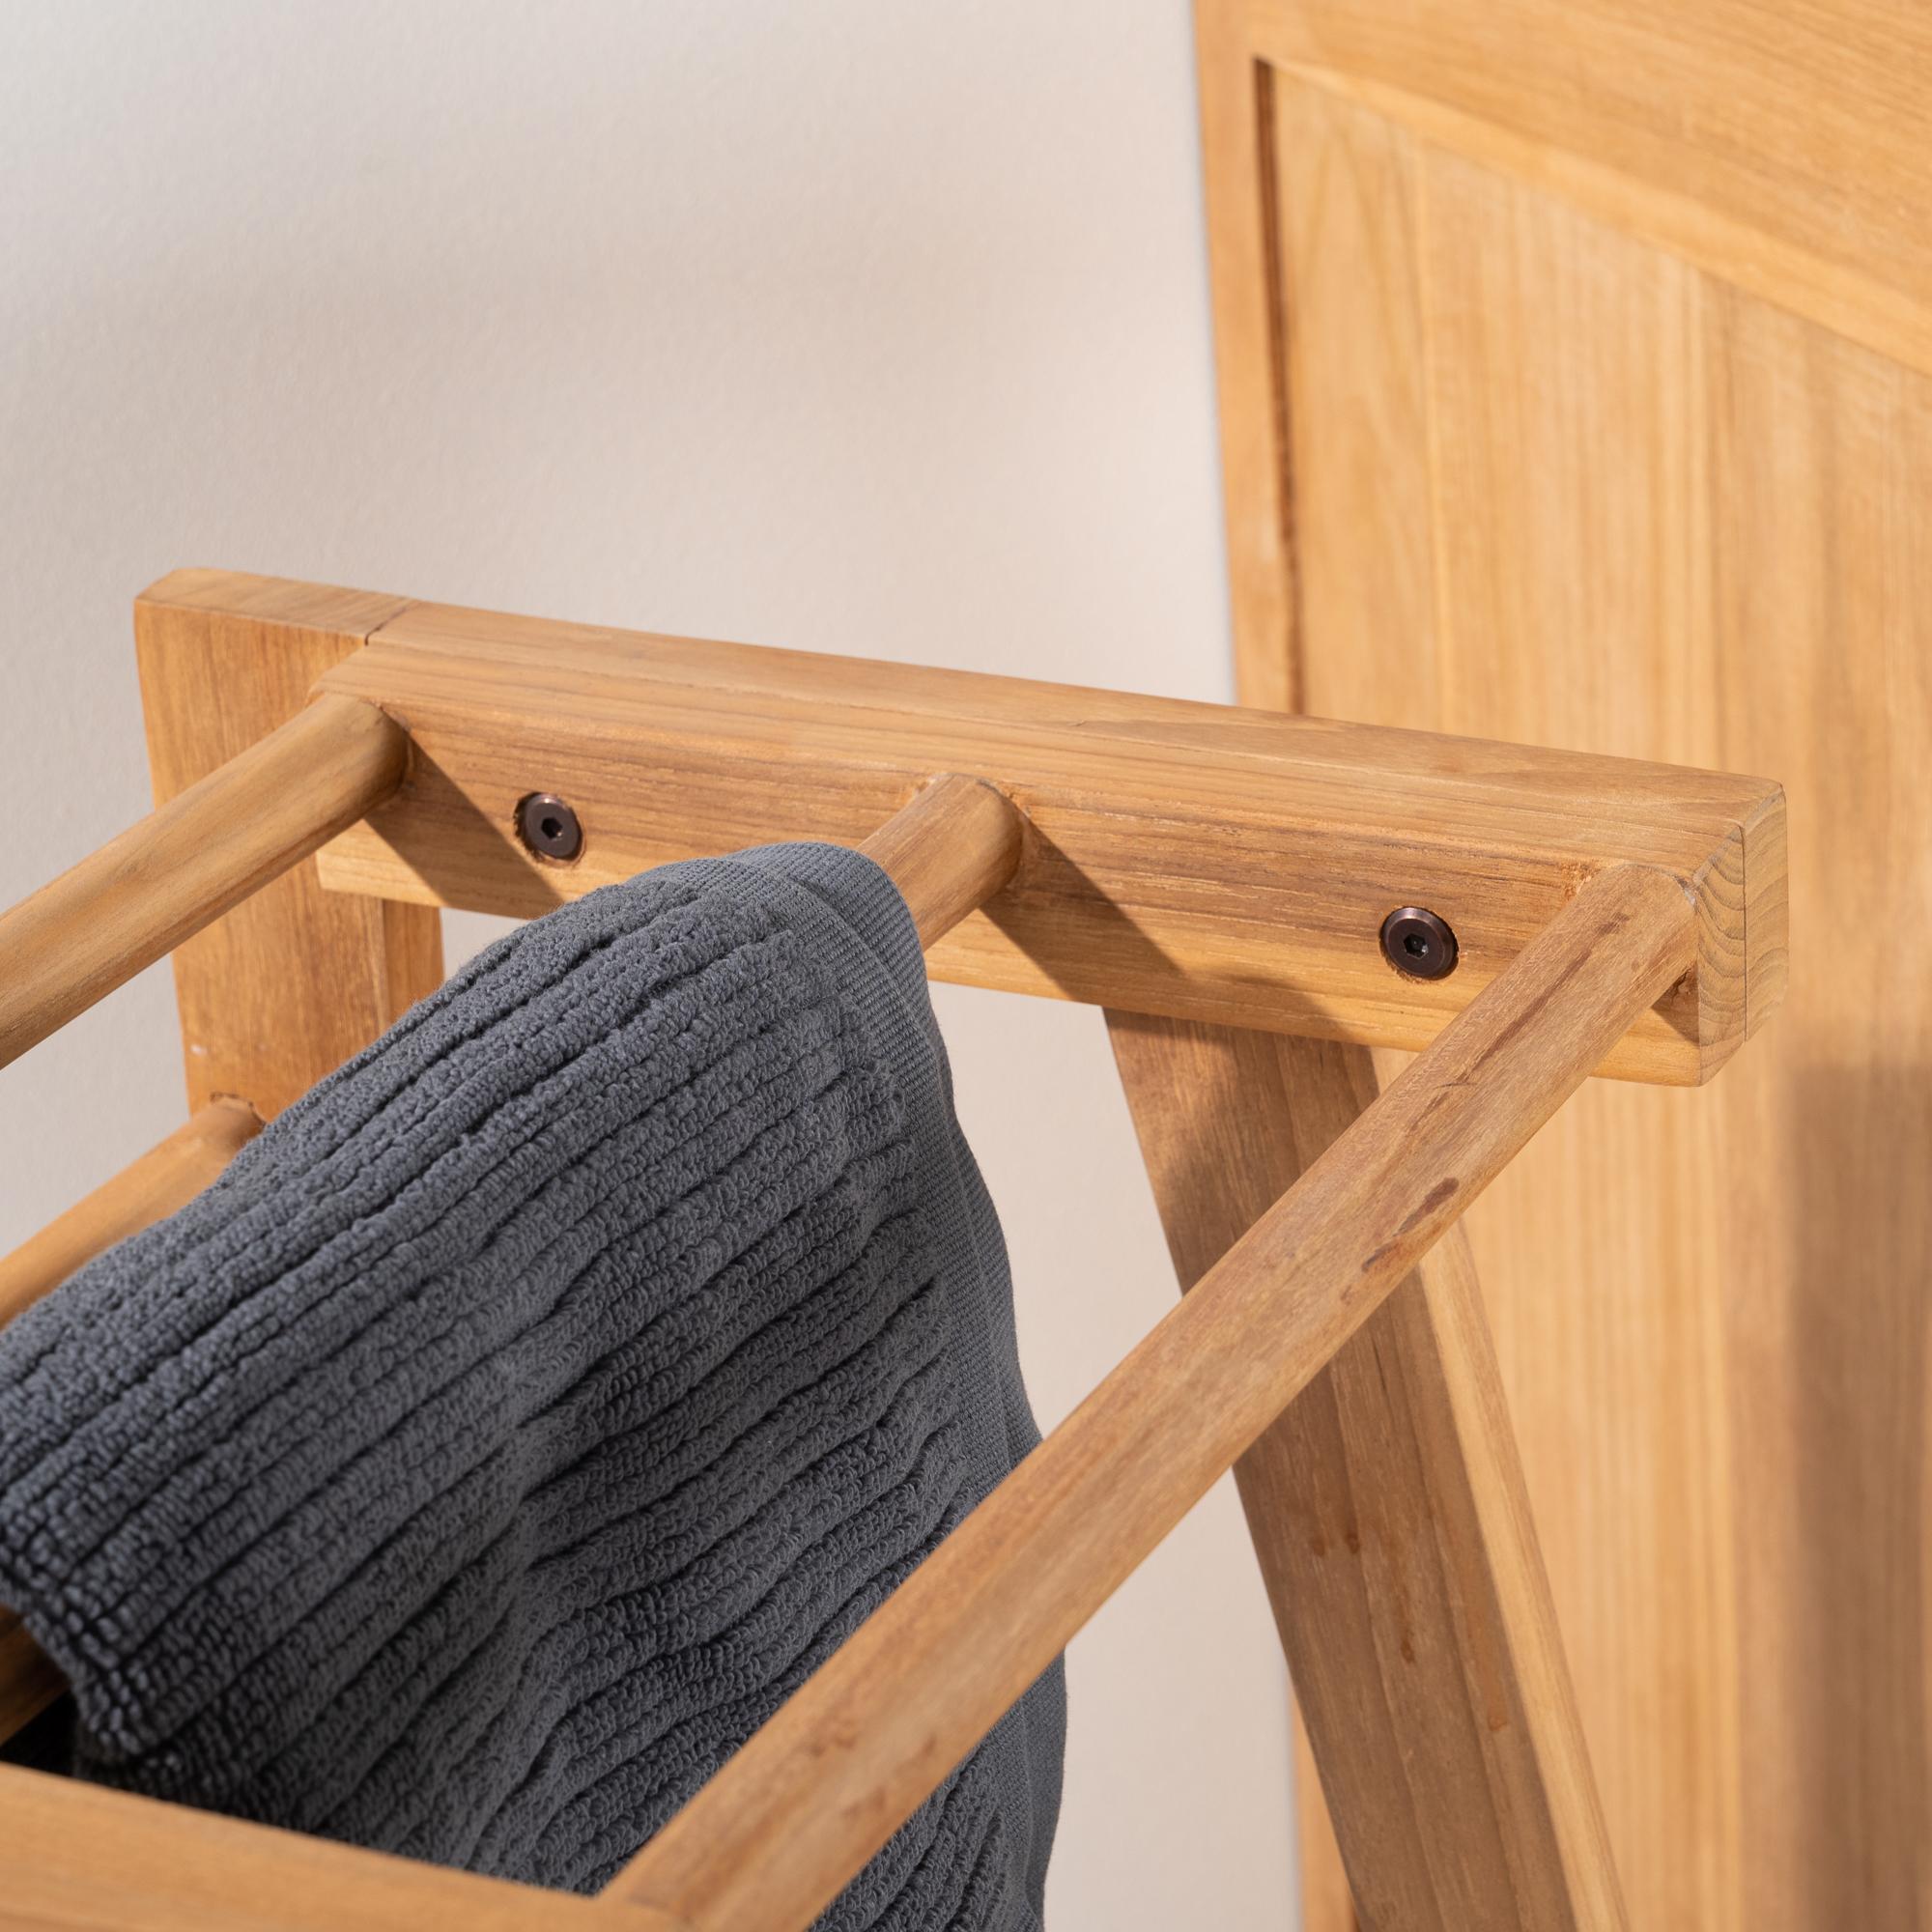 Porte serviette a poser 28 images porte serviettes for Accessoires salle de bain leroy merlin